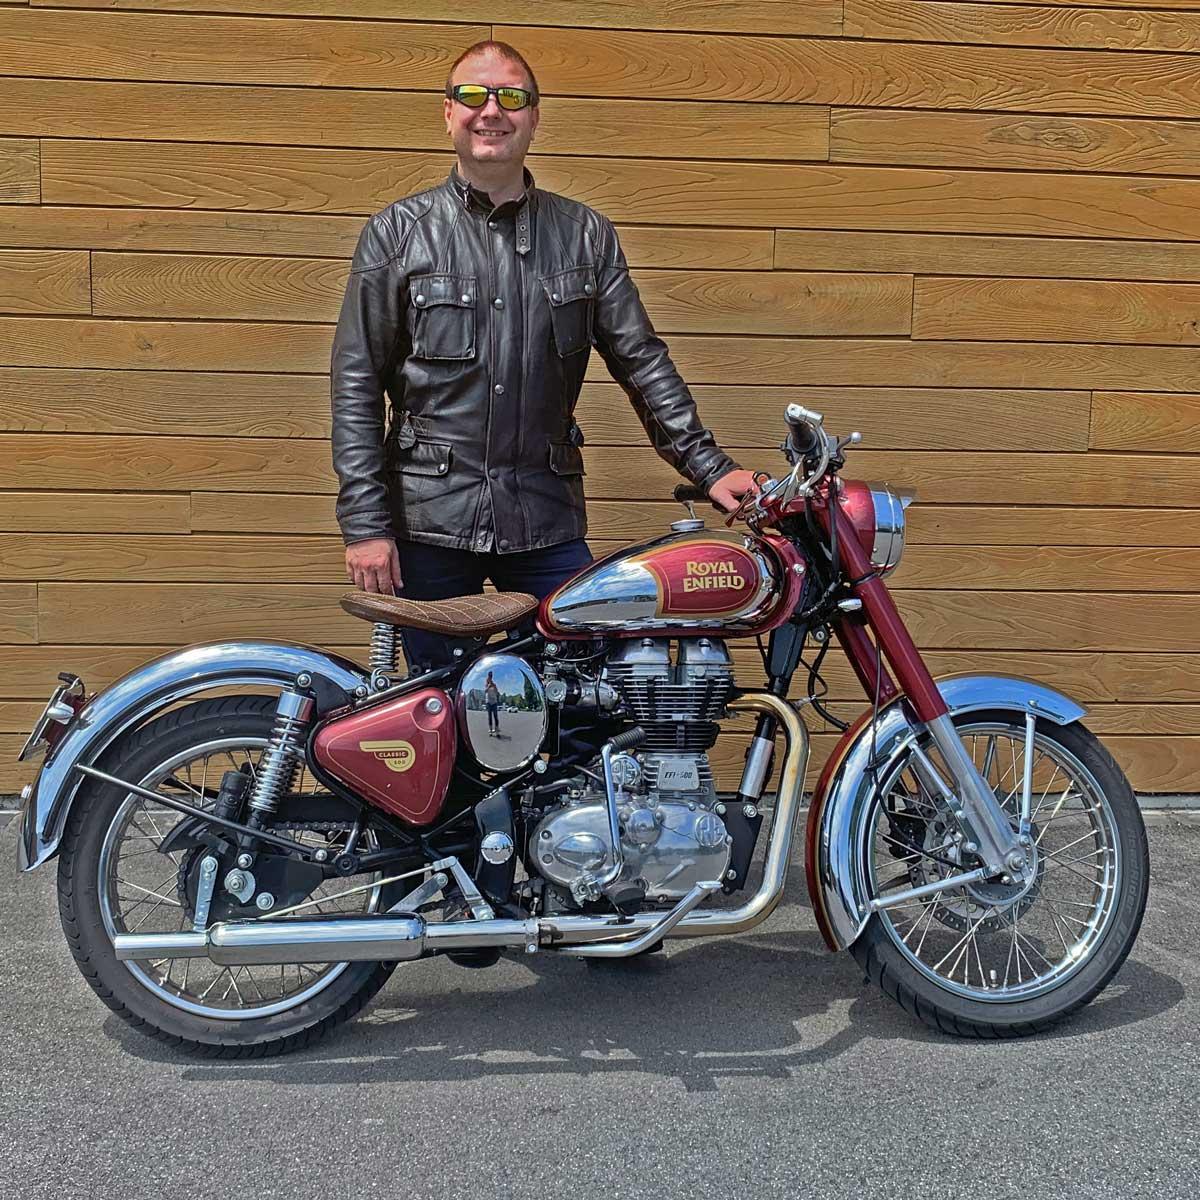 Dank der Kraftkur von Auer Power ist ein gutes Motorrad, dass mir zuvor schon viel Freude bereitet hat, noch besser geworden. Ich freue mich auf viele weitere Ausfahrten mit meiner Royal Enfield Classic 500 EFI und danke Daniel und dem ganzen Auer-Power-Team für die hervorragende Arbeit.